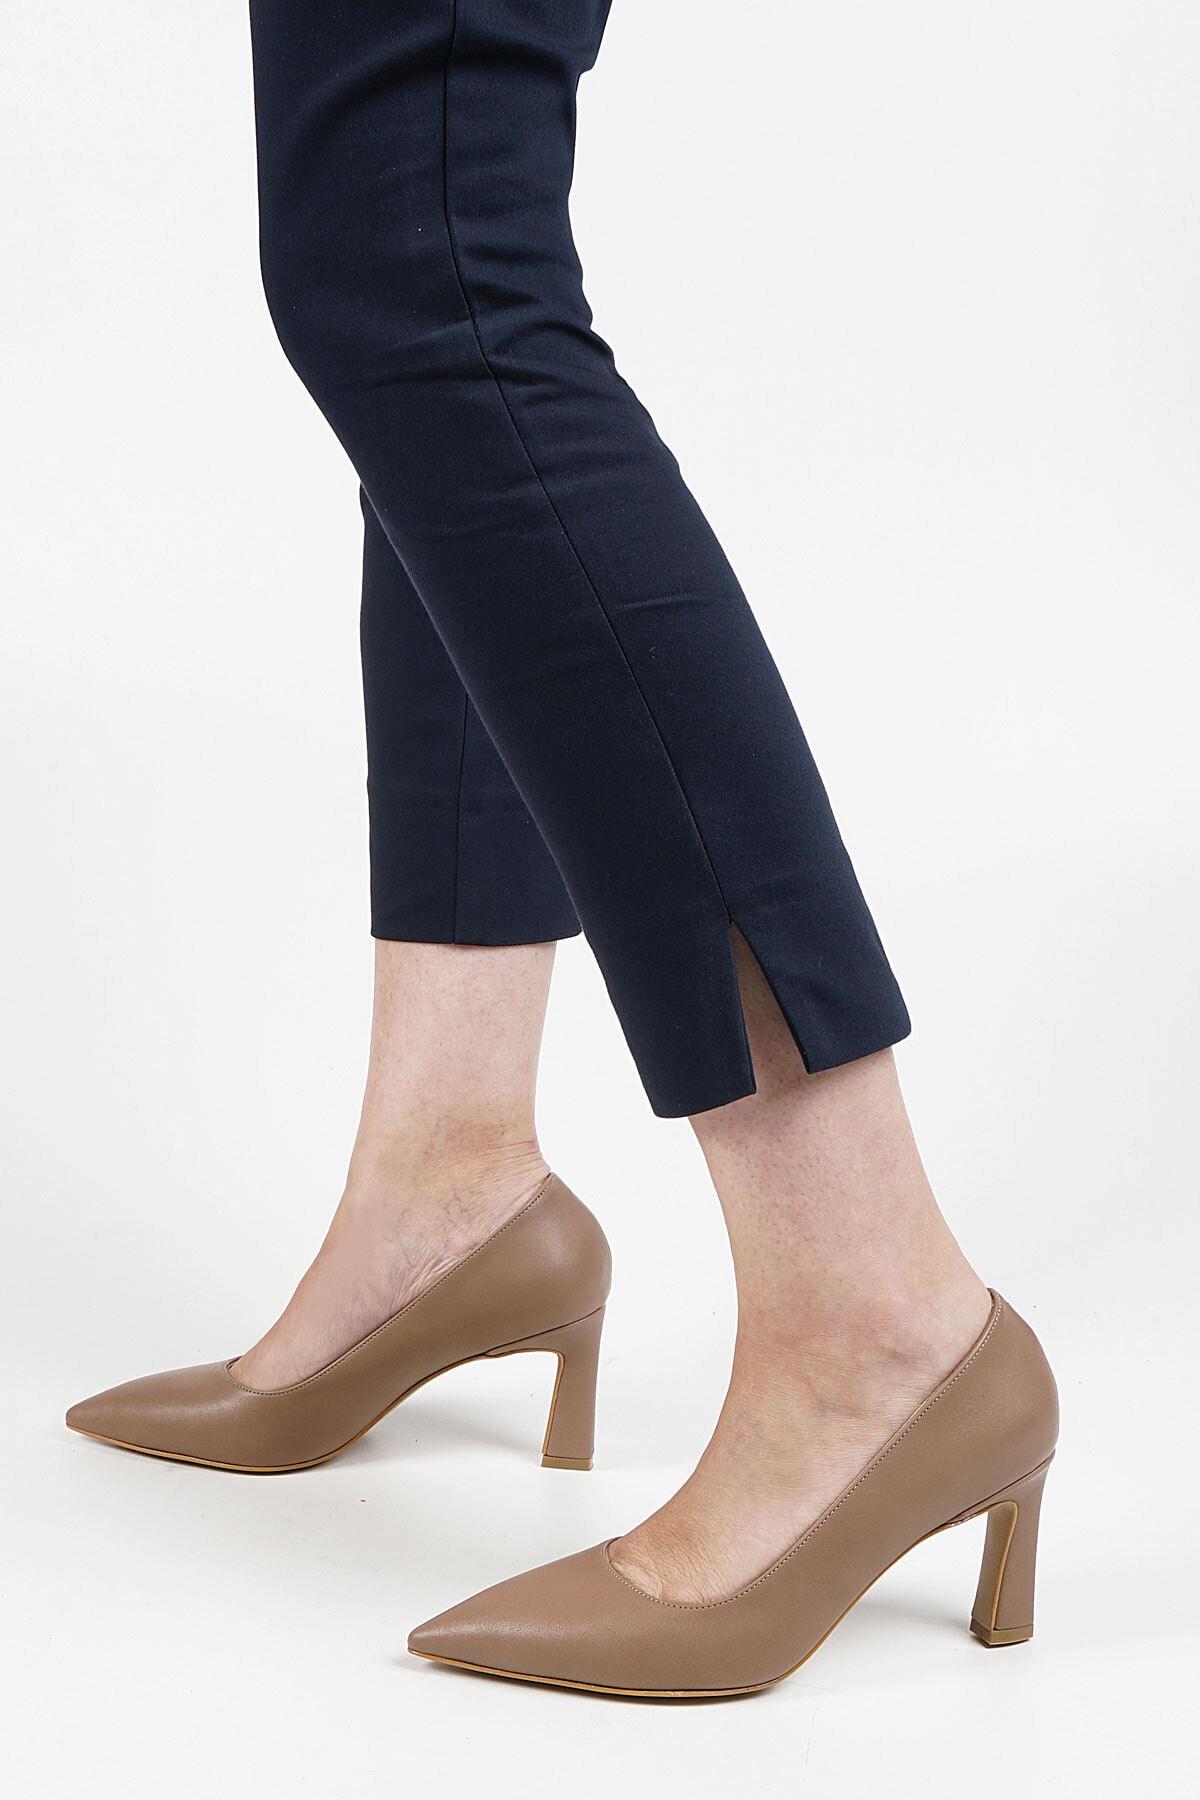 Marjin Kadın Vizon Akuna Stiletto Topuklu Ayakkabı 1